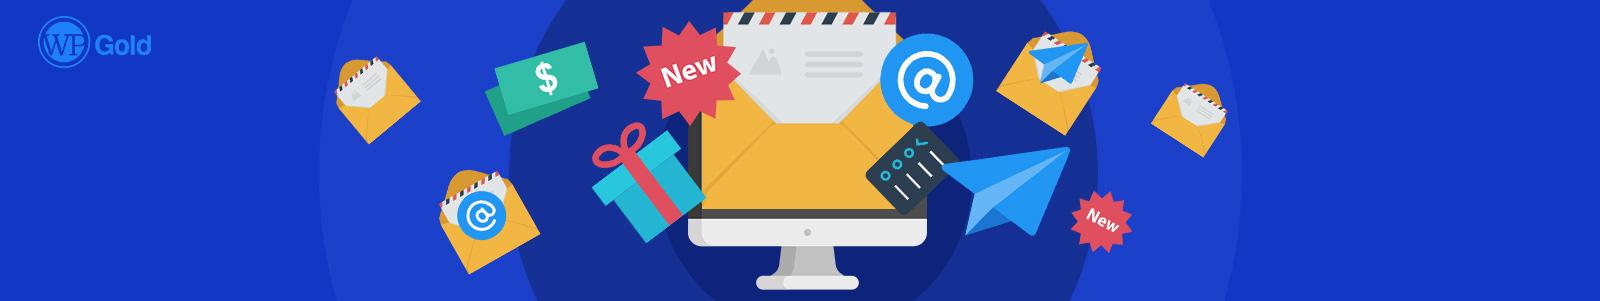 Плагины и сервисы WordPress для рассылки писем